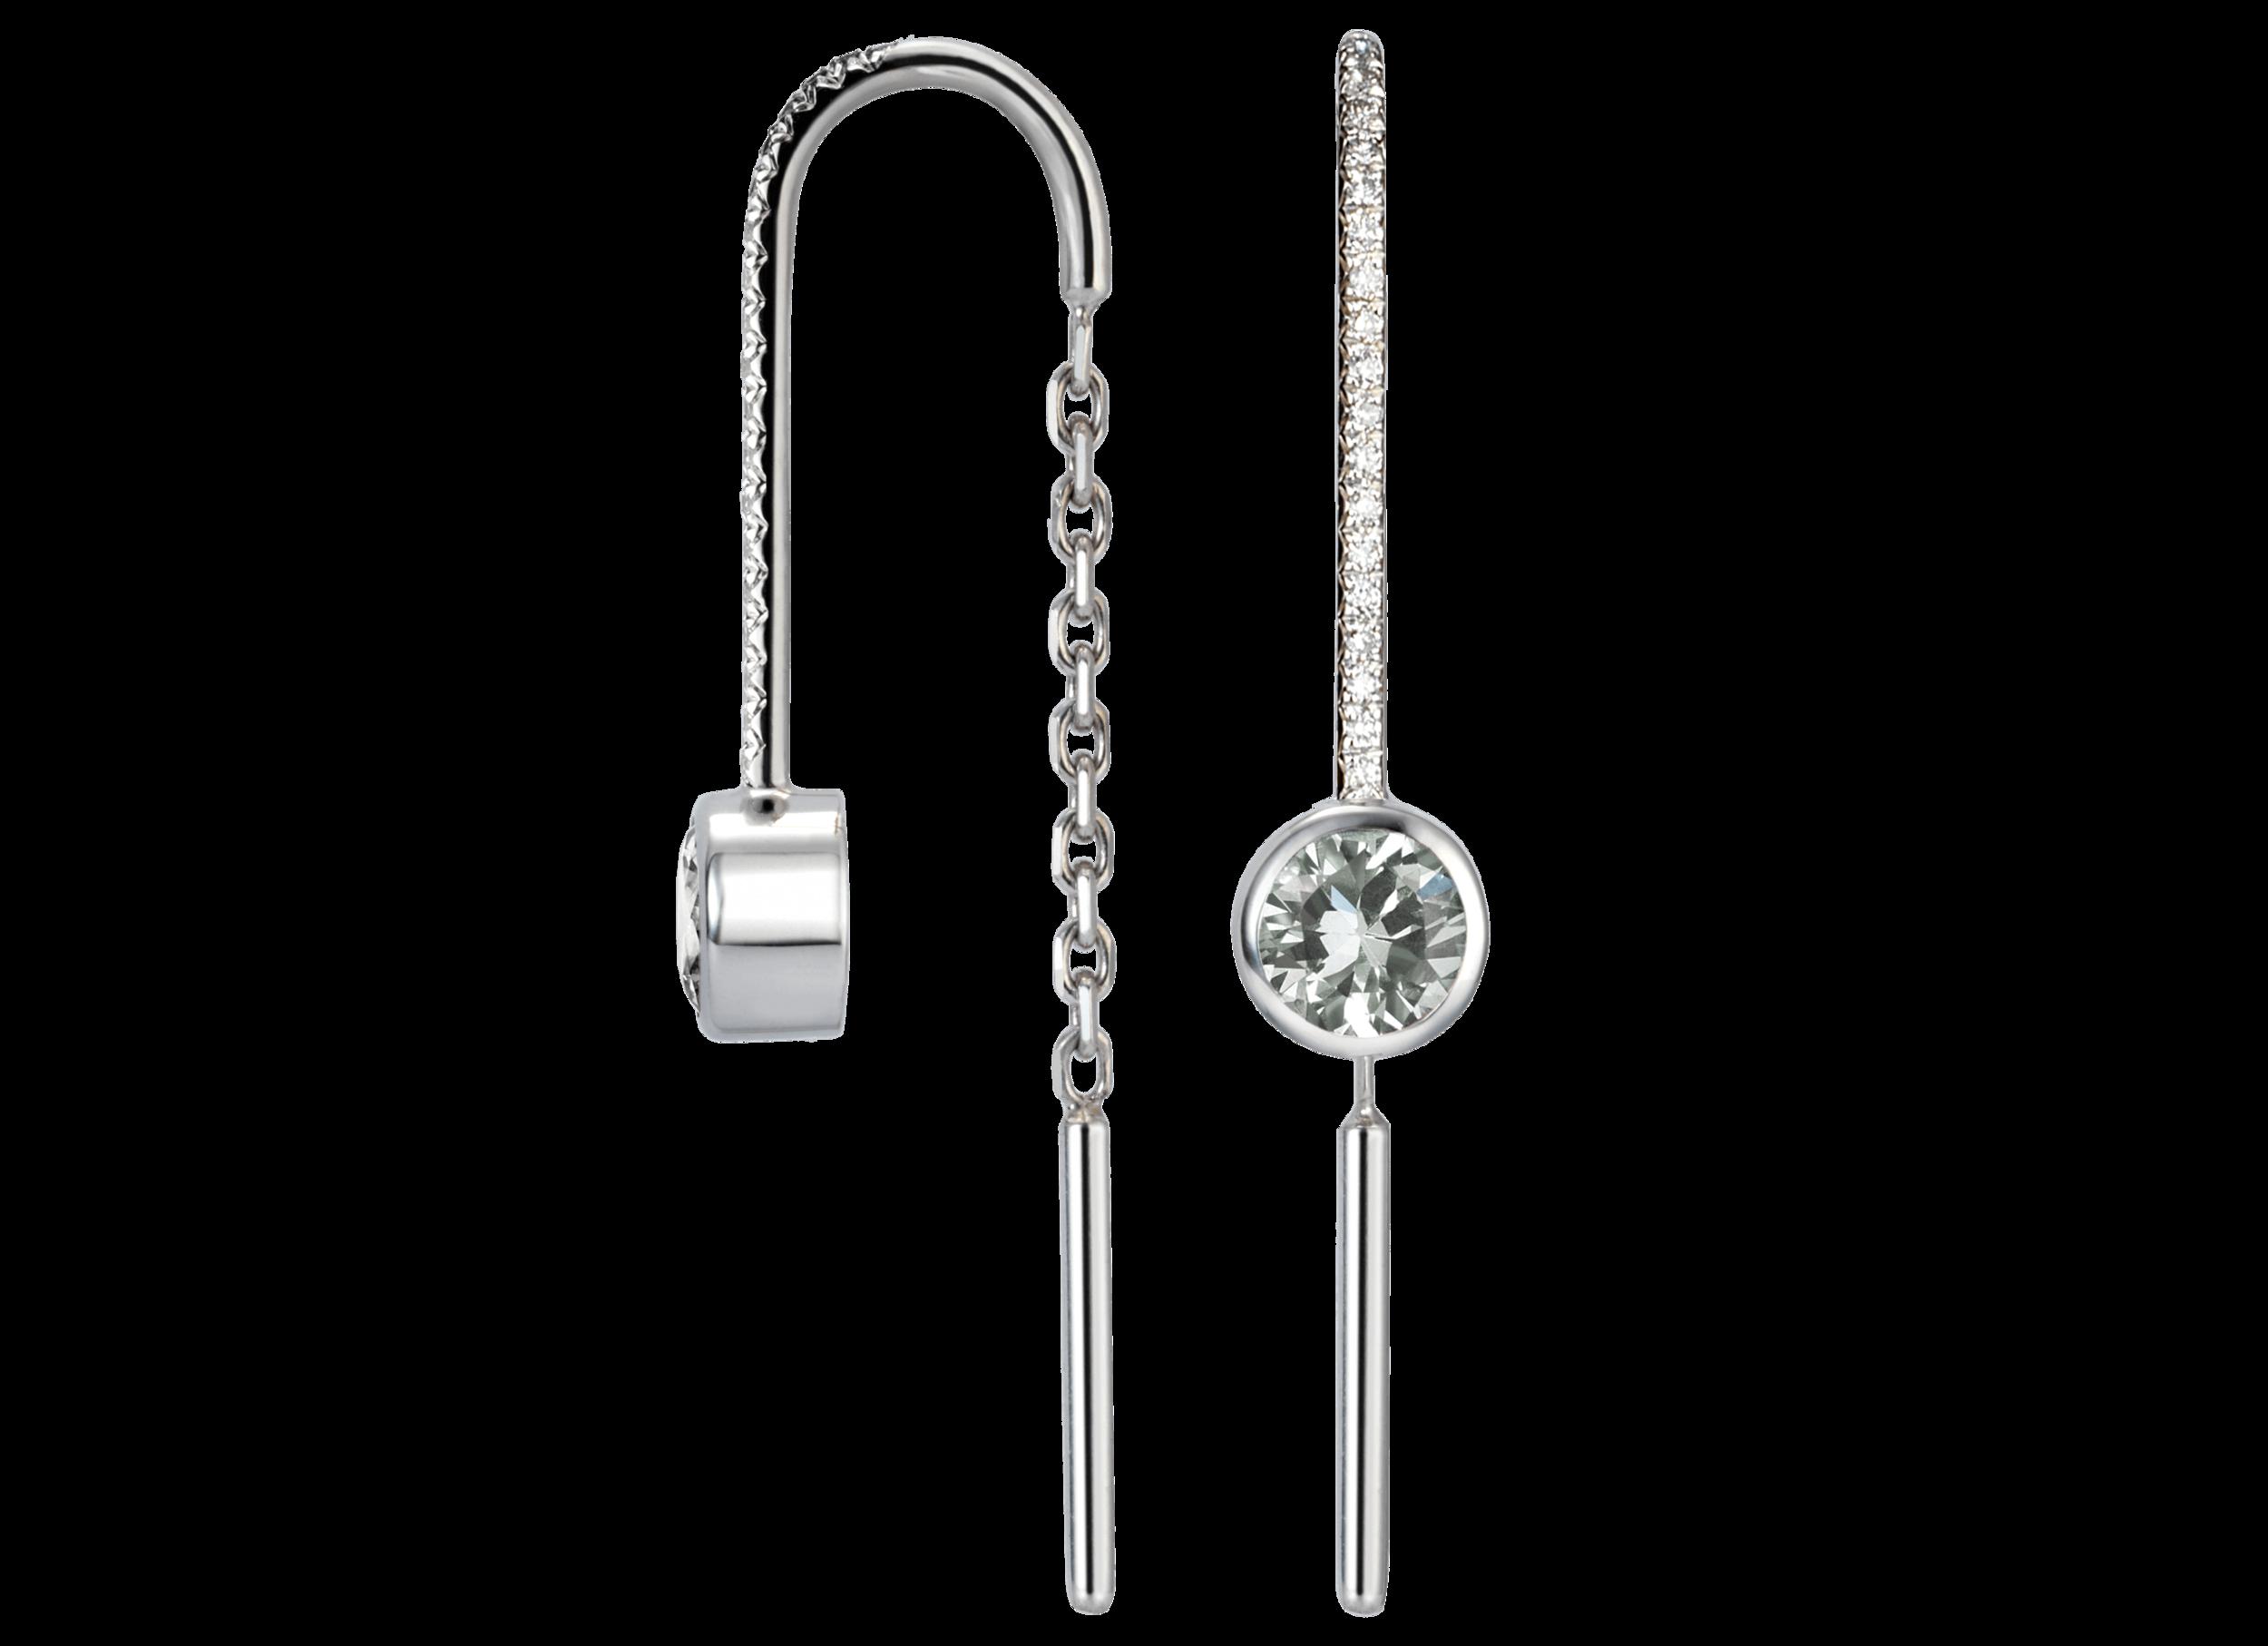 Boucles d'oreille Cha - Á partir de 700 € sans pavage avec saphirs de 0,30 carat chaque,1 450 € avec saphirs de 0,30 carat chaque et pavage diamants,2 100 € avec diamants de 0,25 carat chaque,2 850 € avec diamants de 0,25 carat chaque et pavage diamants.